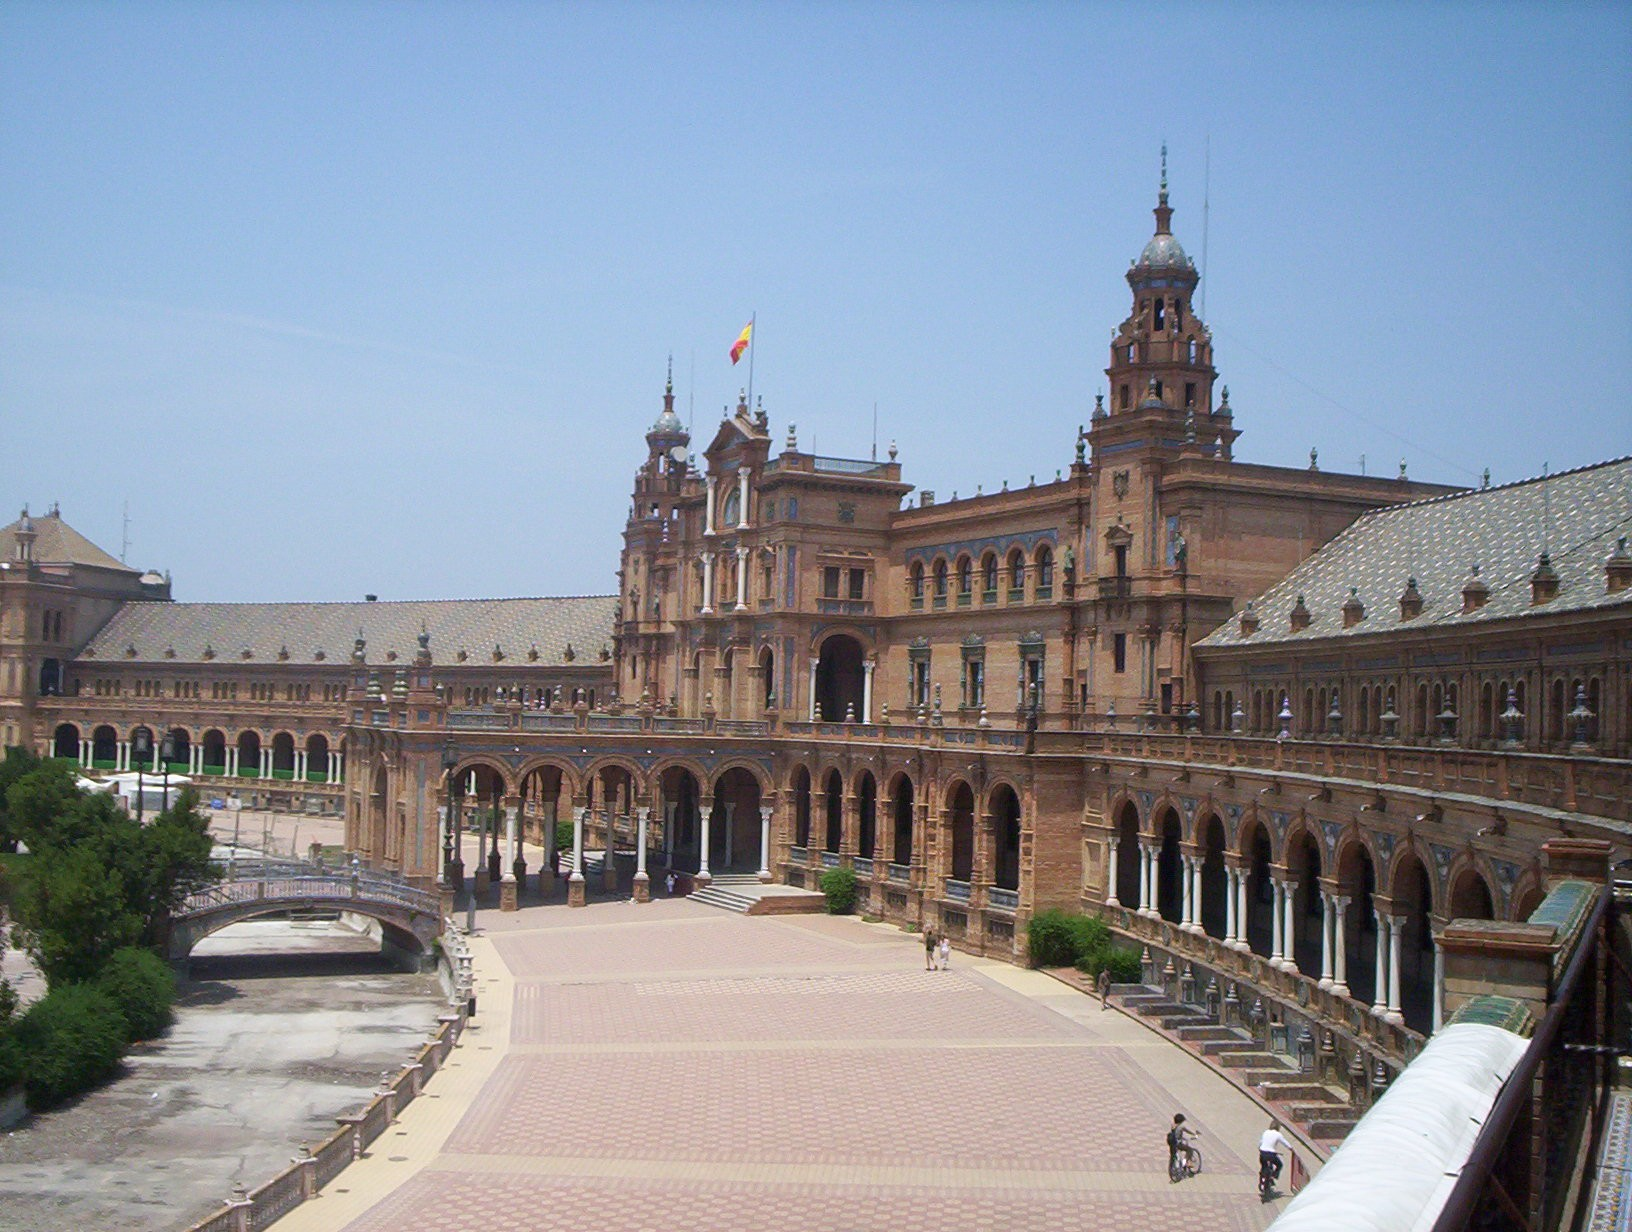 fotos_plaza_espana601